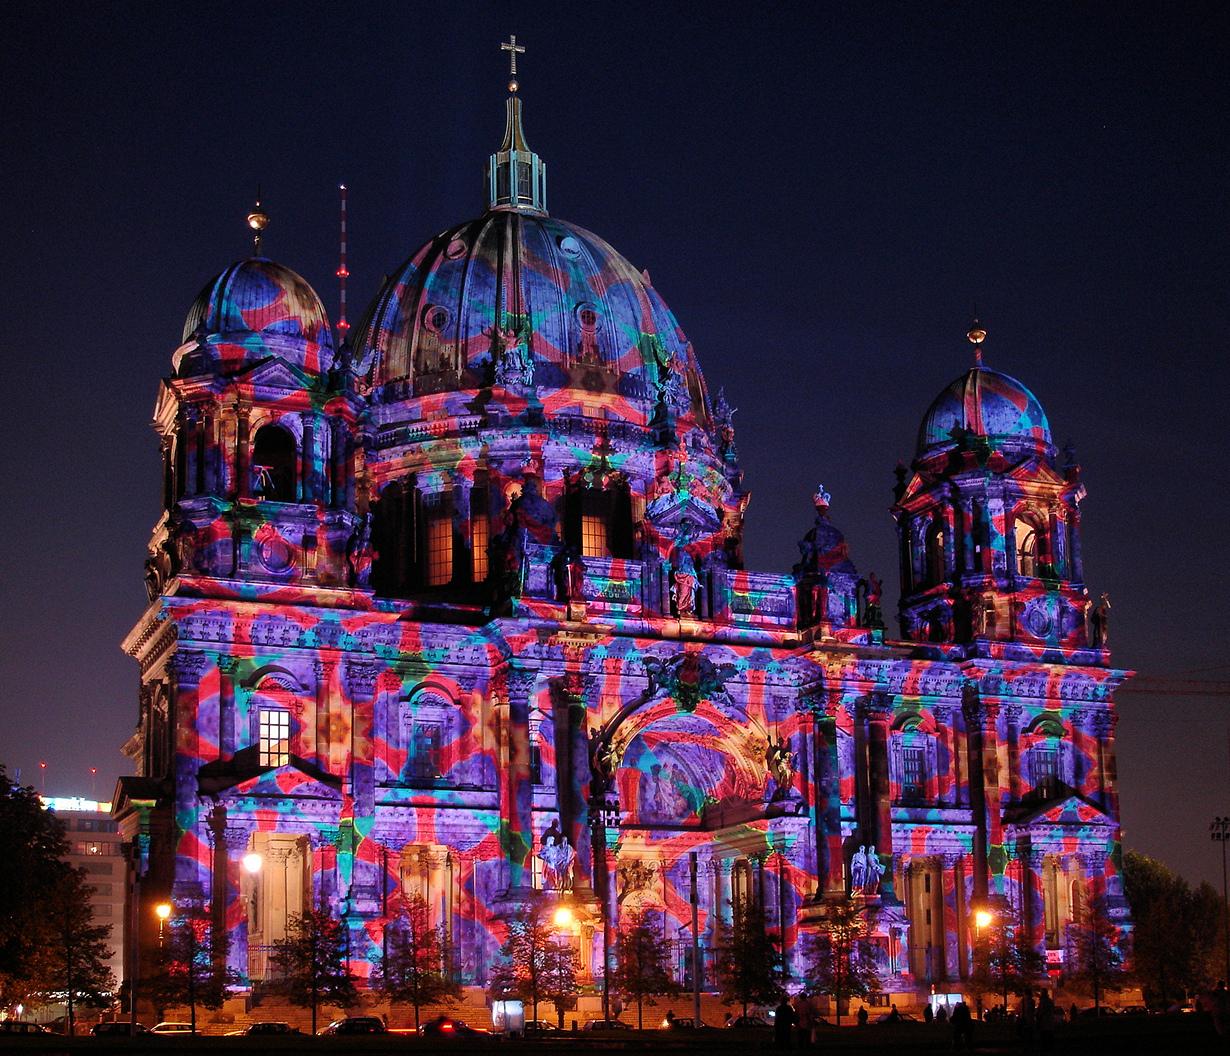 5 место. Фестиваль света в Берлине — современный фестиваль, который проводится ежегодно в октябре с